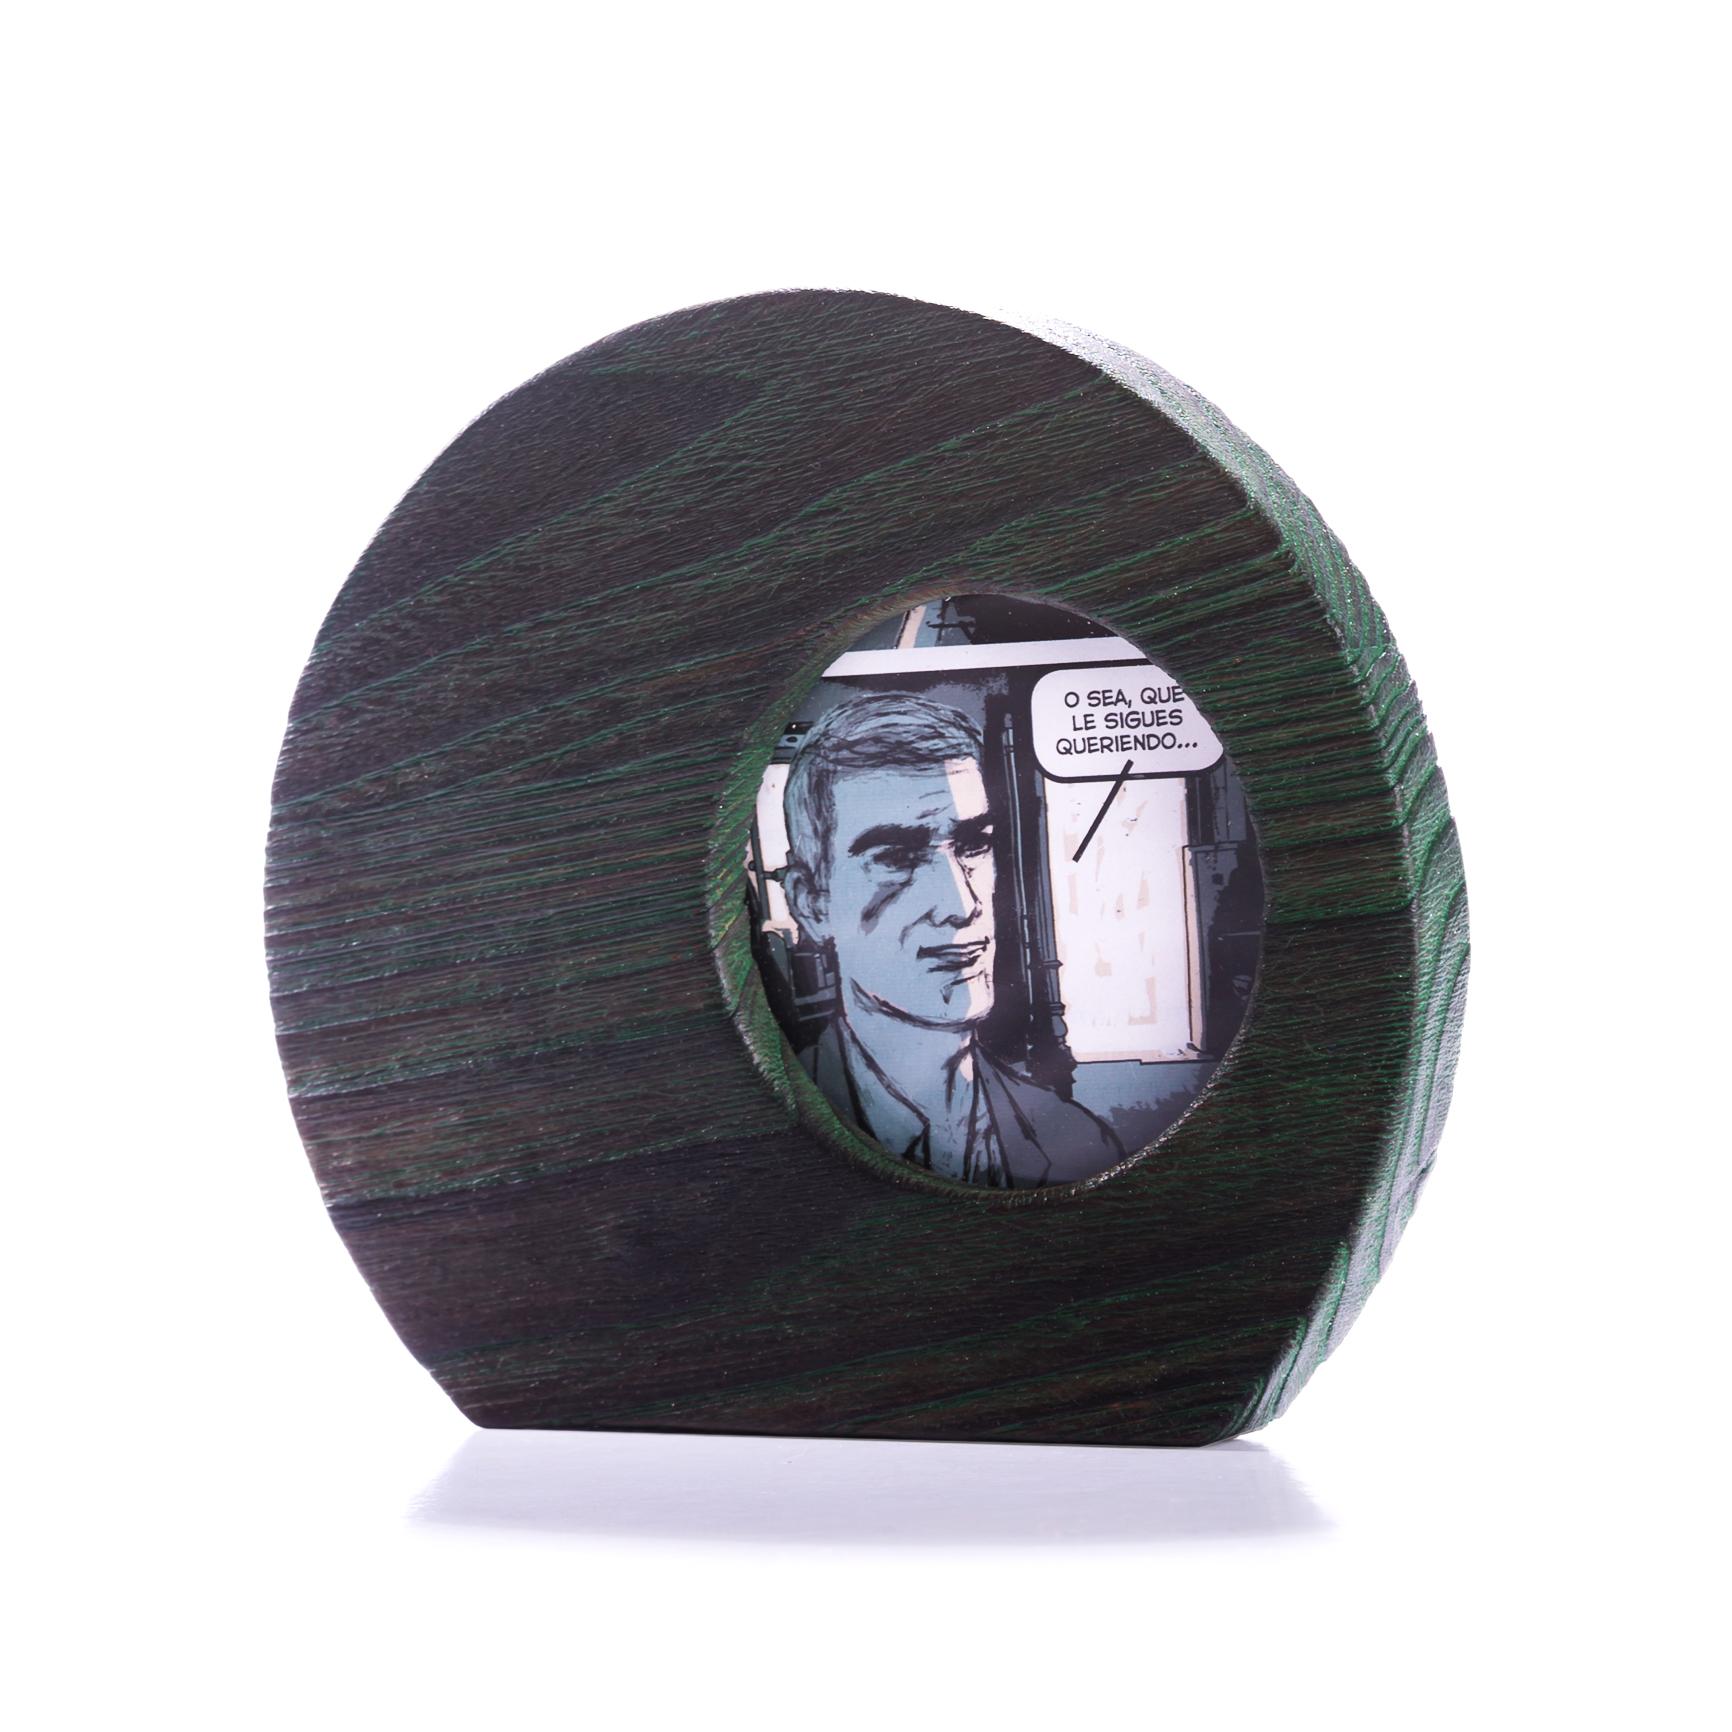 Porta retratos de castaño decapado en verde